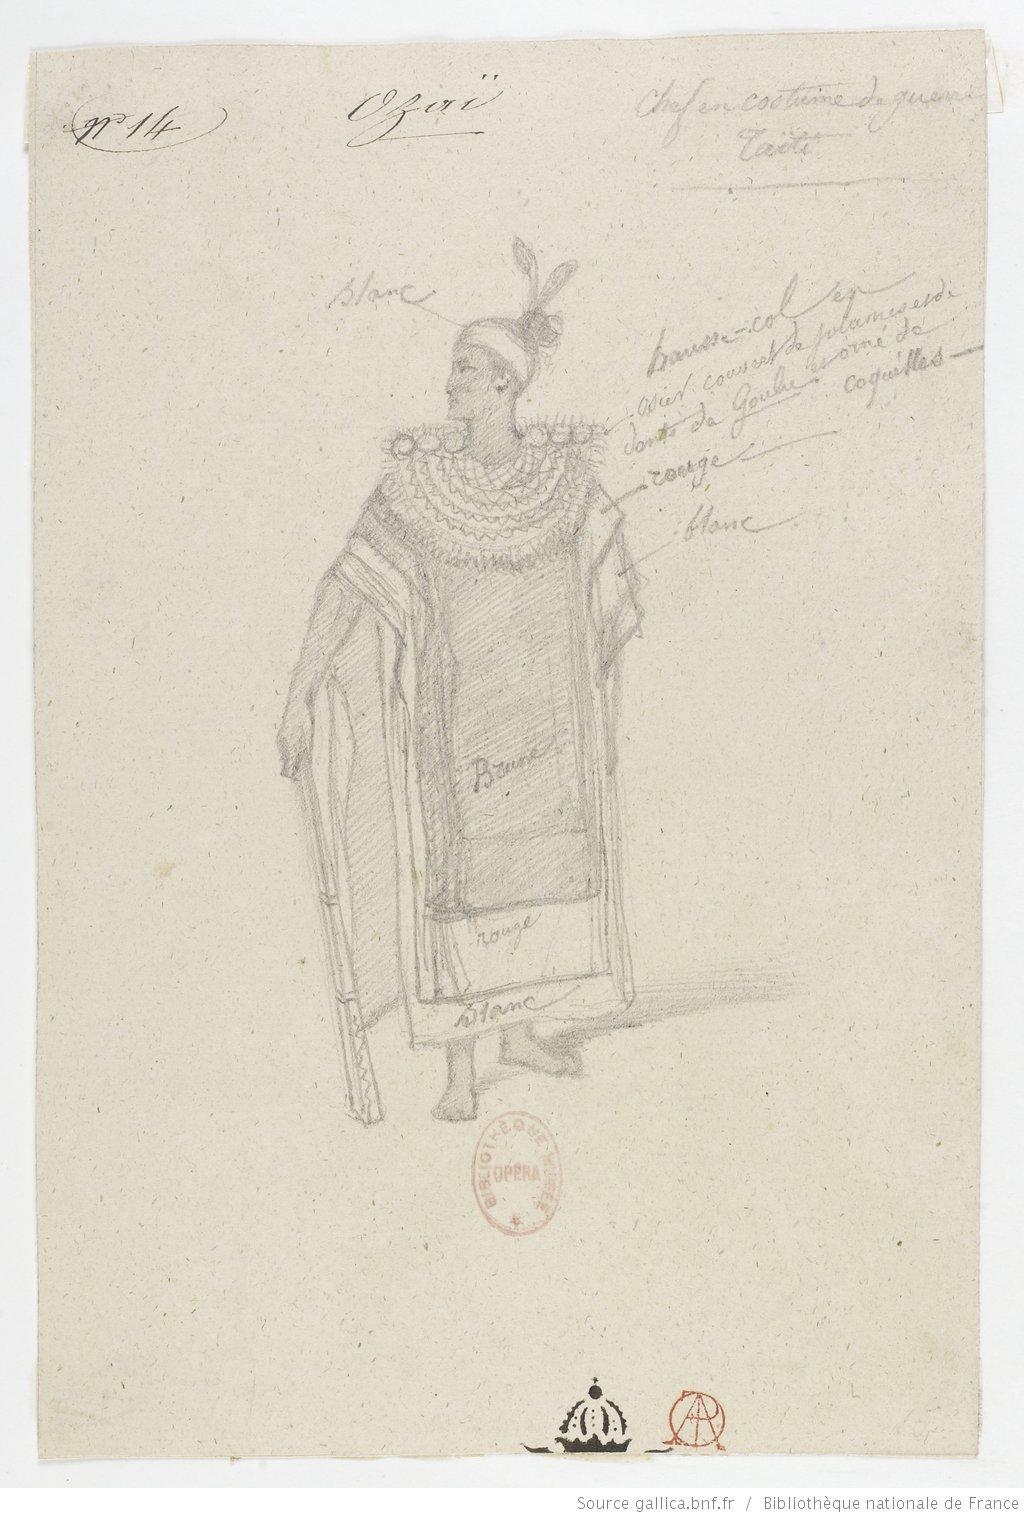 Costumes du ballet-pantomime Ozaï (1847)